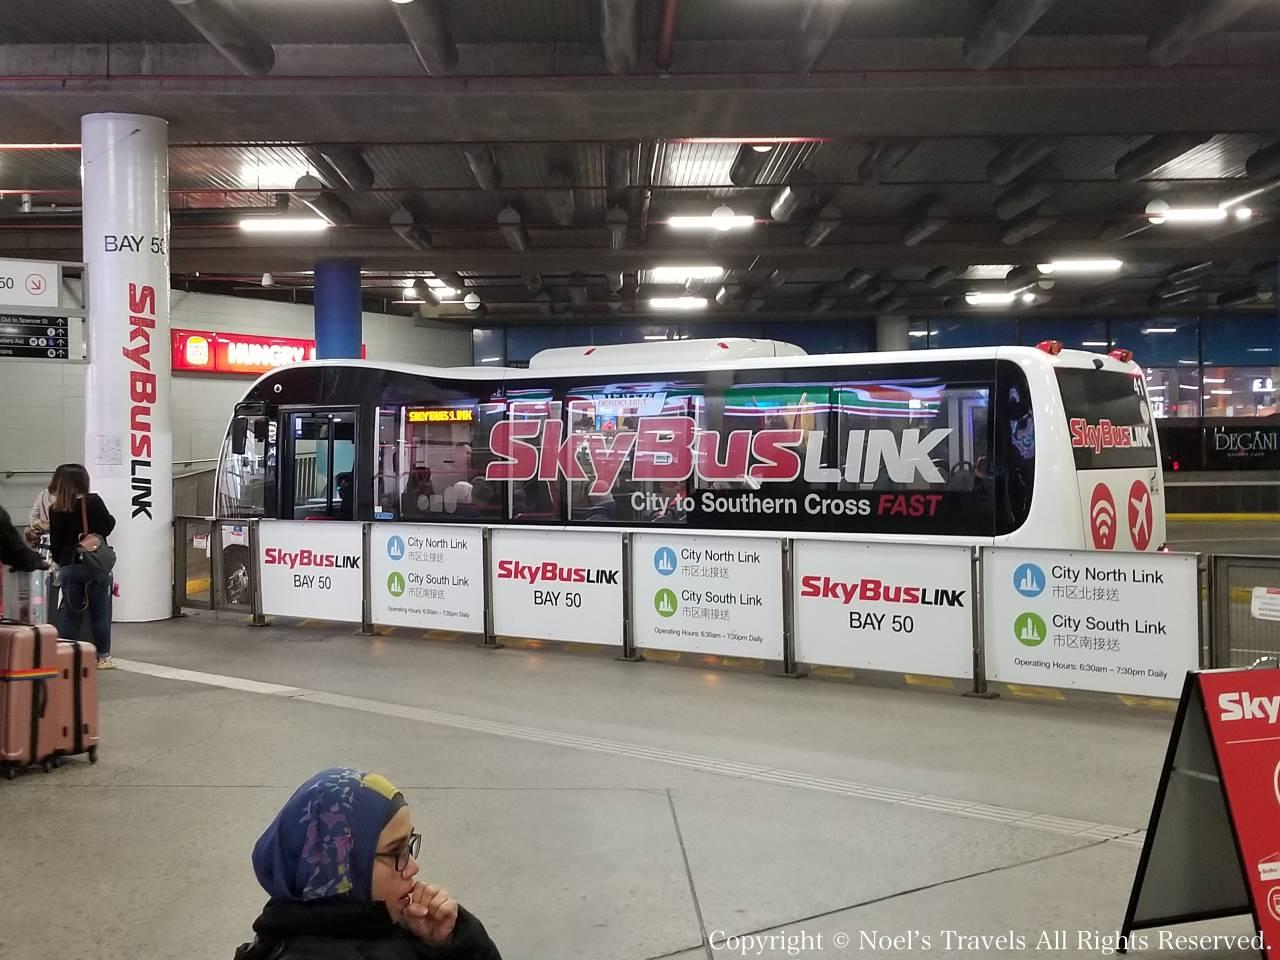 サザンクロス駅のSkybus Link乗り場